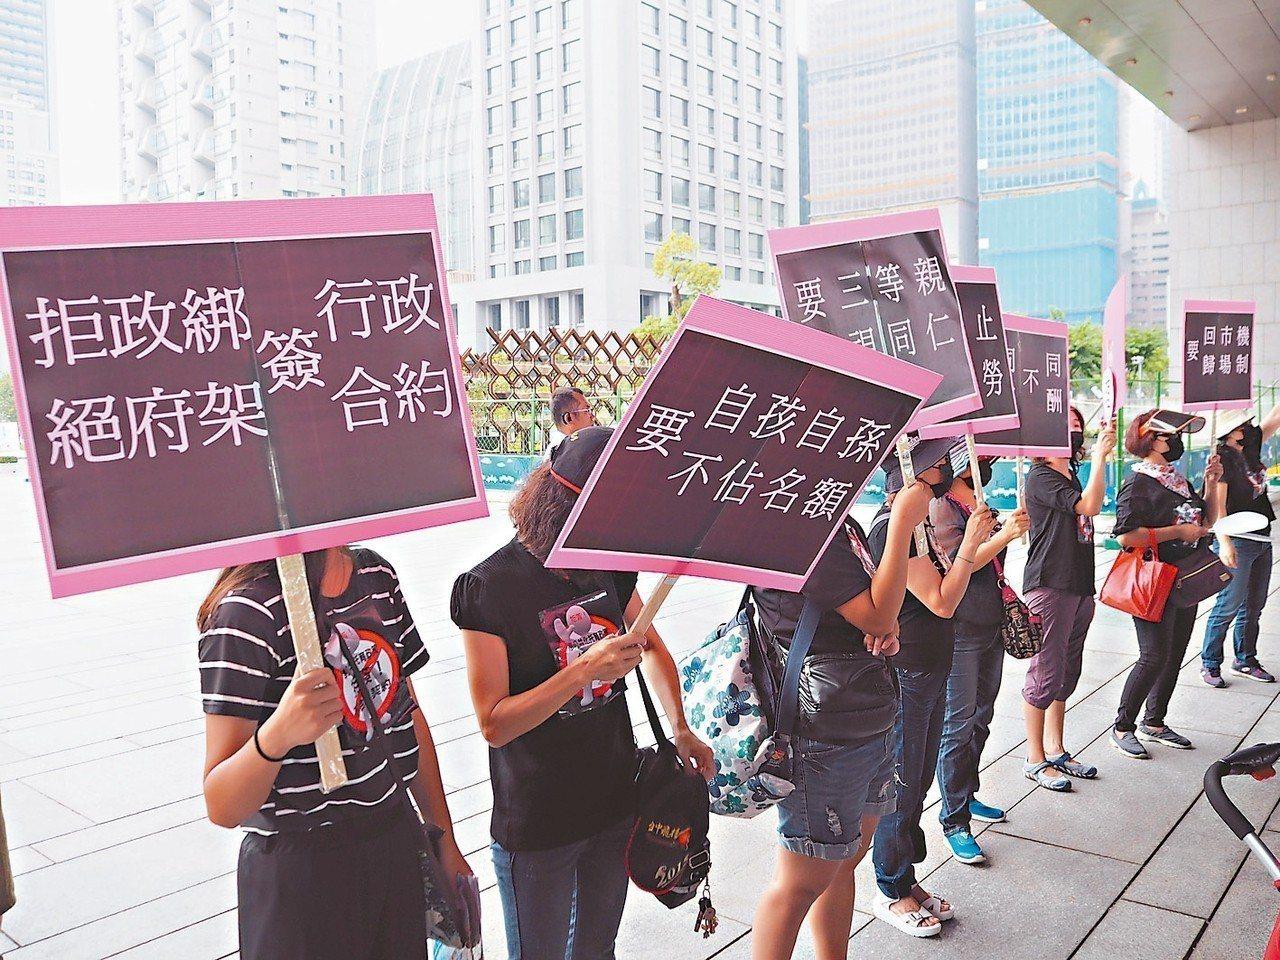 台中上百名保母昨天抗議準公共化托育政策,訴求拒絕政府綁架、回歸市場機制、自孫自孩...